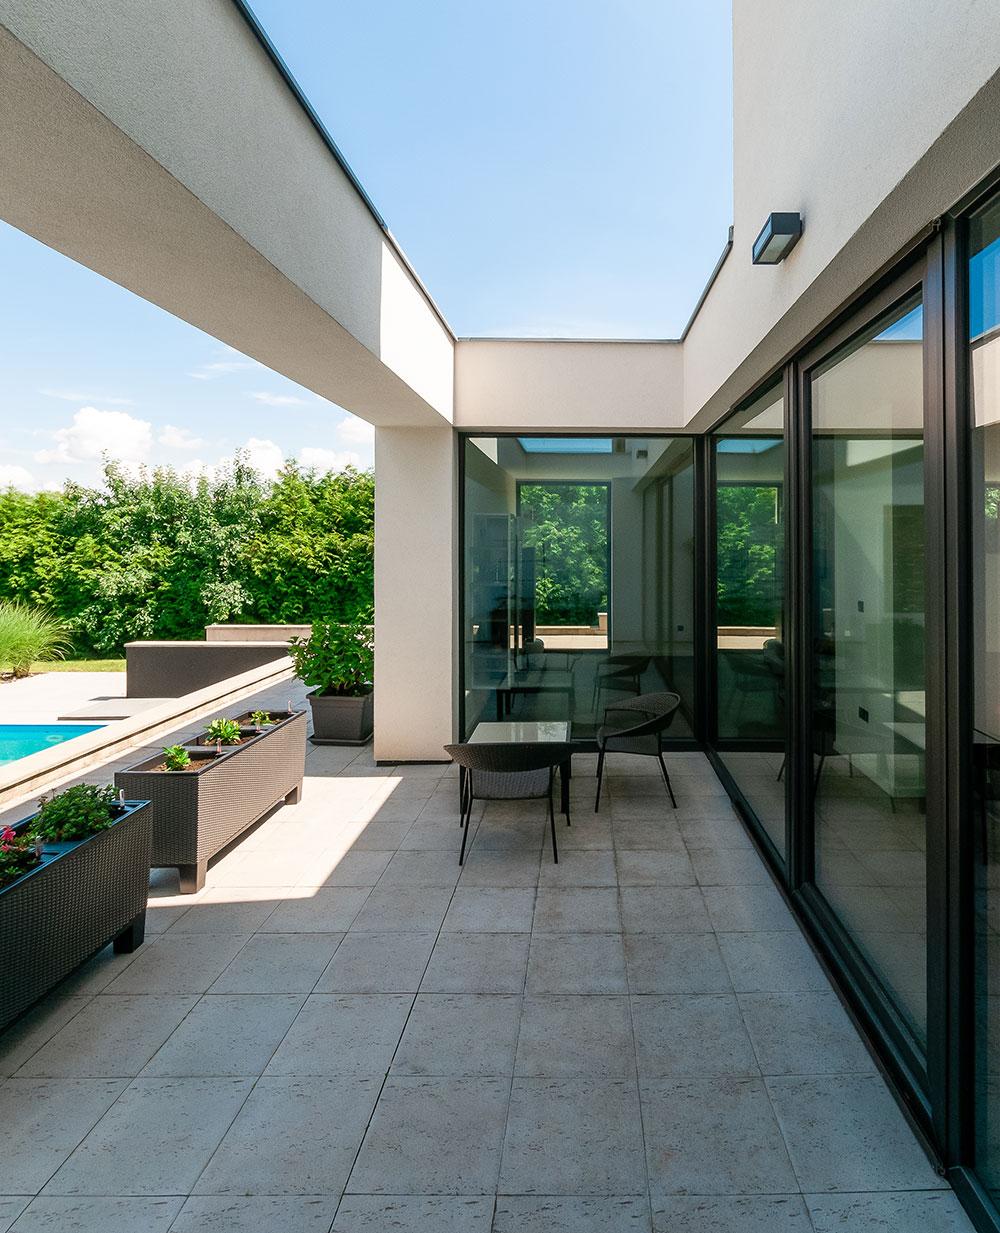 """""""Profily Eforte jsou pro nízkoenergetické apasivní stavby dobrou volbou, koeficient tepelné prostupnosti celým oknem se při použití trojskla pohybuje kolem Uw = 0,71–0,73 W/m2.K. Běžná cihlová zeď má přitom U= 0,25 W/m2.K. Ztoho vidíte, že tepelné ztráty takto kvalitních oken nejsou nijak dramatické,"""" uvádí Petr Sýs, technický aproduktový manažer společnosti Deceuninck. FOTO DECEUNICK"""